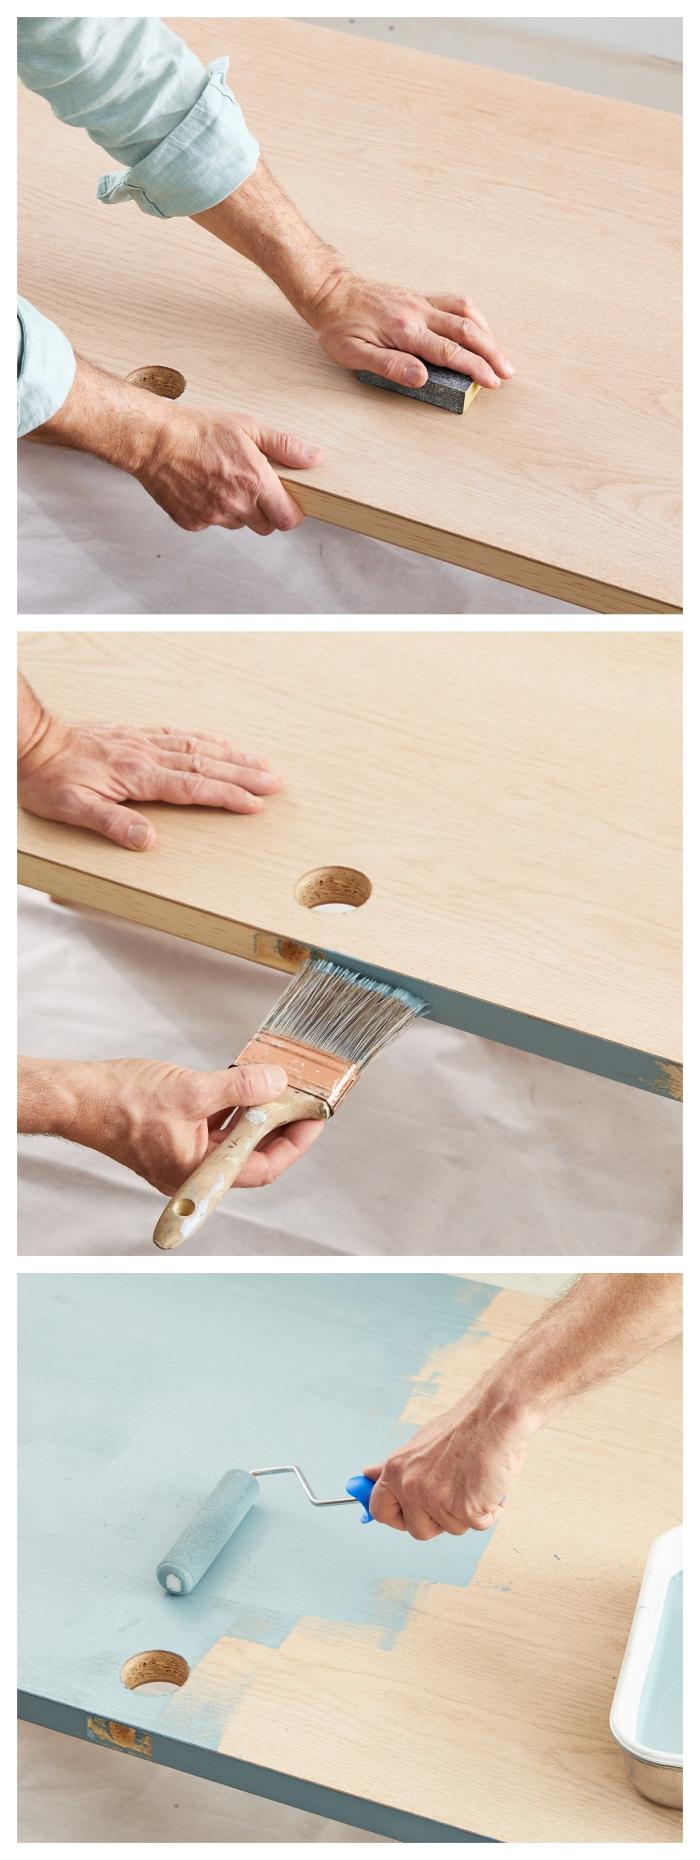 Comment peindre une porte d int rieur astuces pratiques - Comment reboucher une porte ...